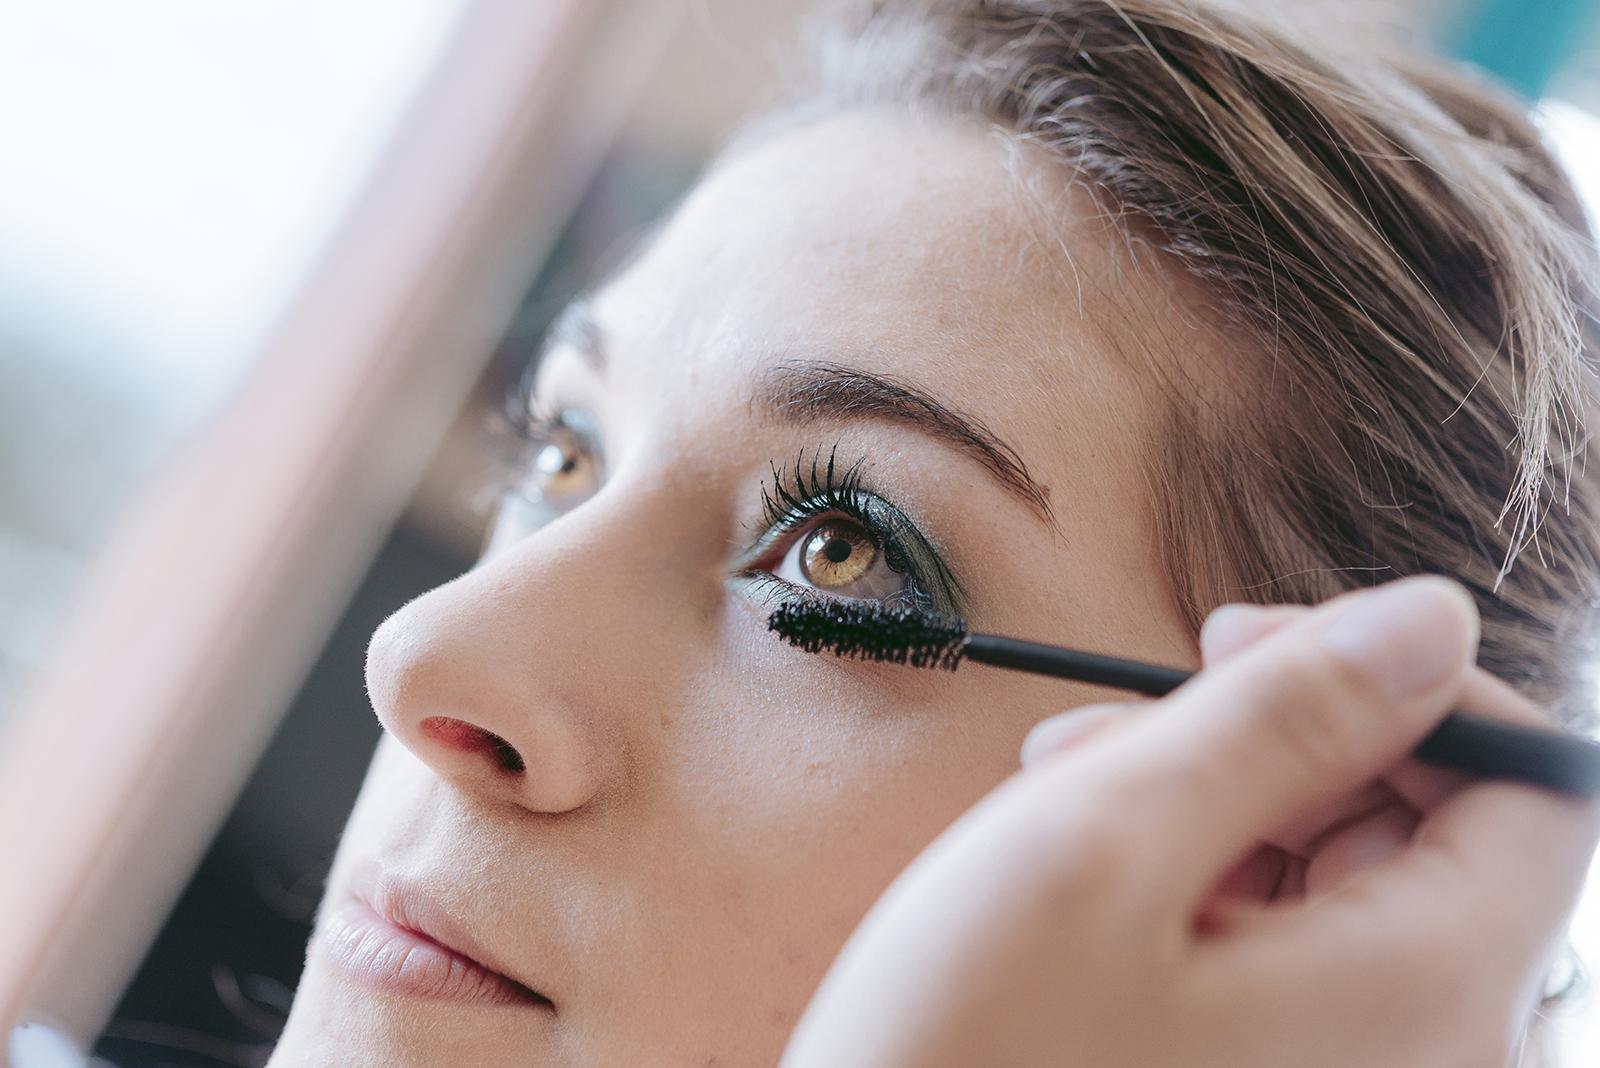 détails sur oeil et mascara